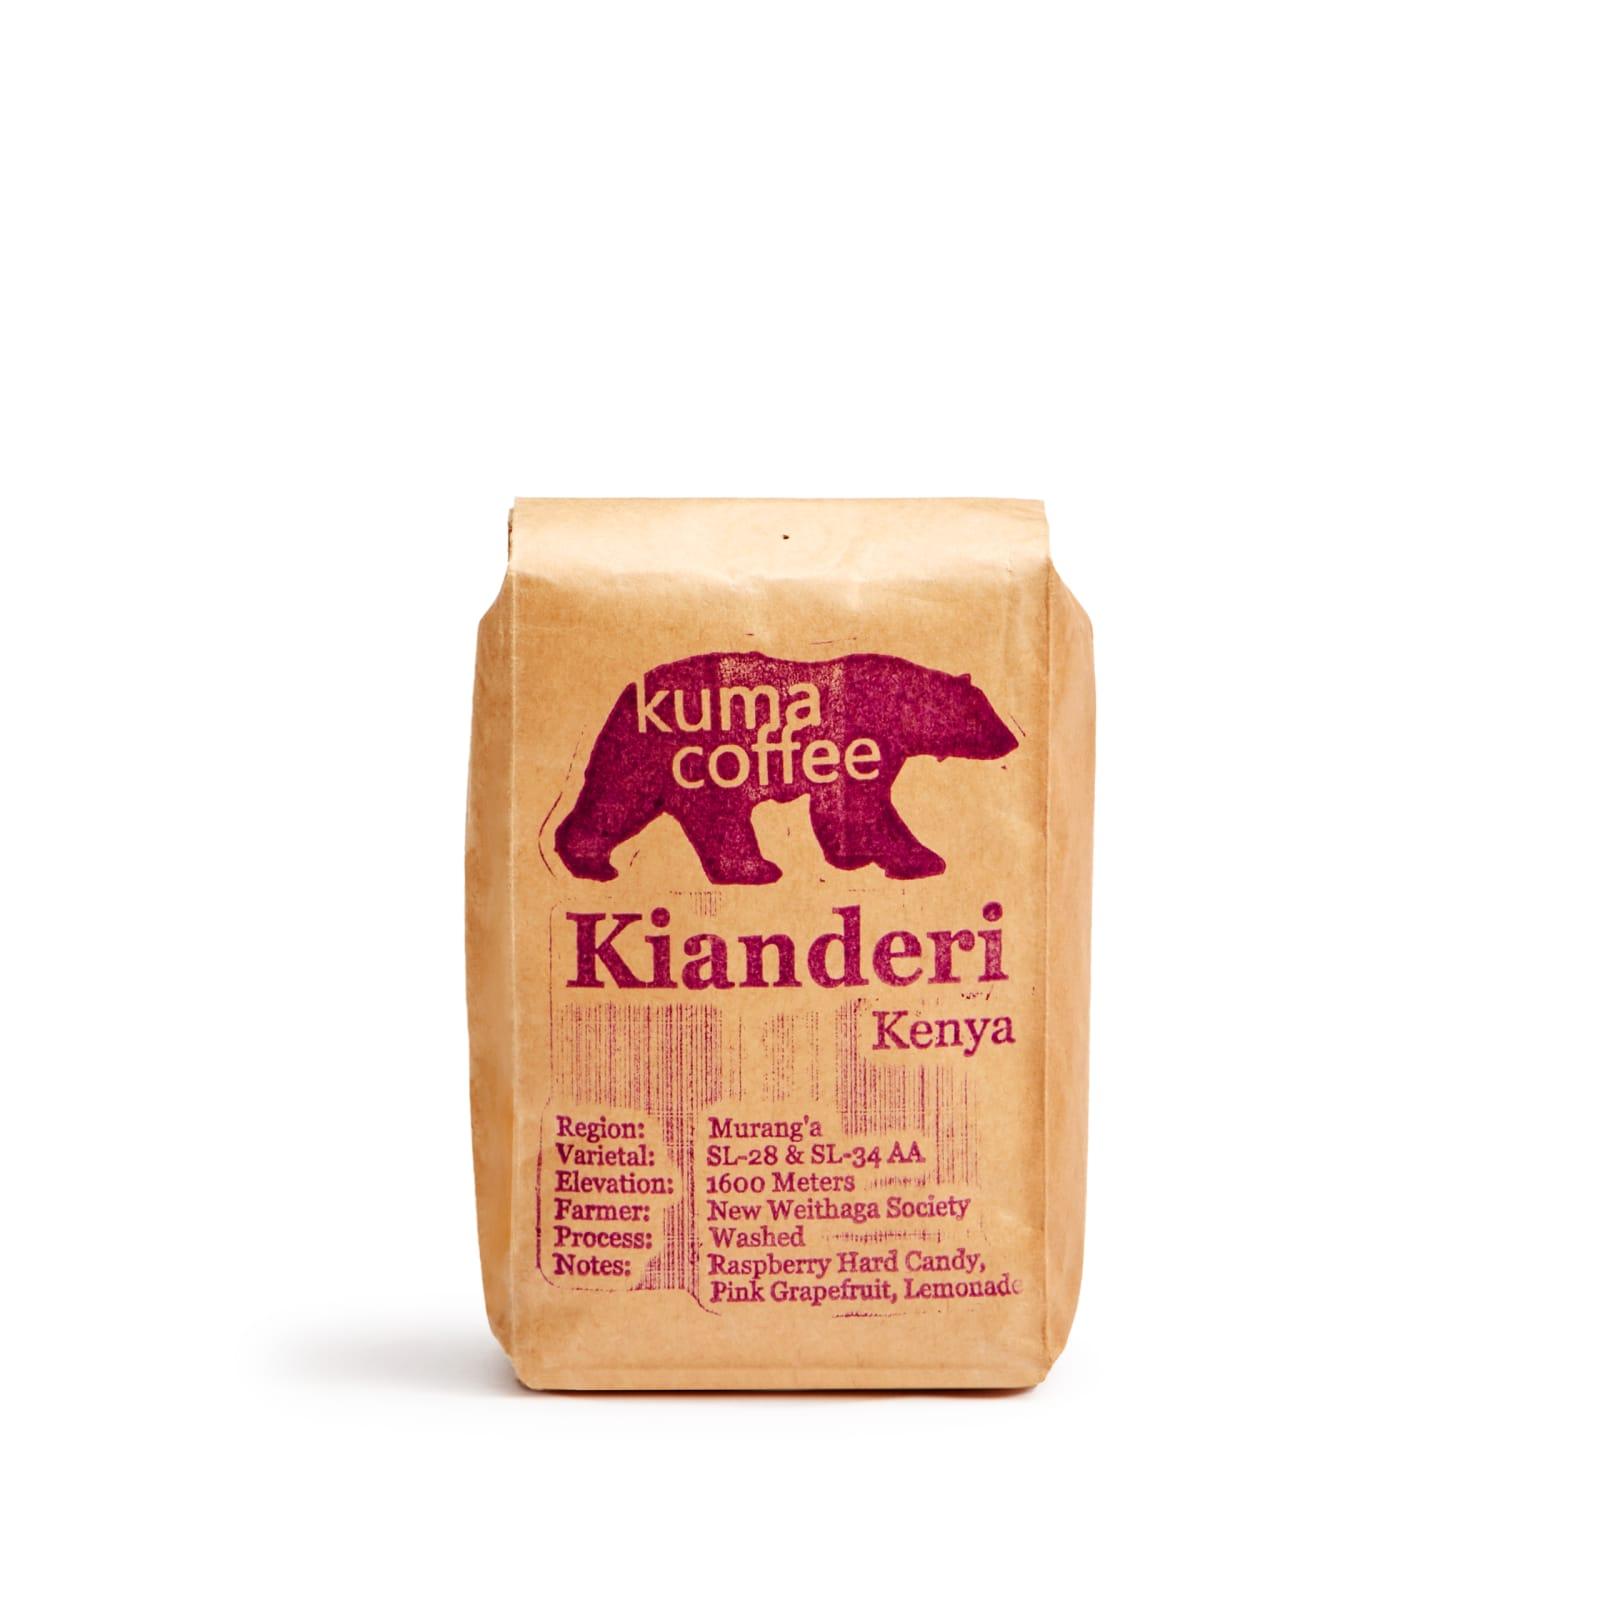 Kenya Kianderi